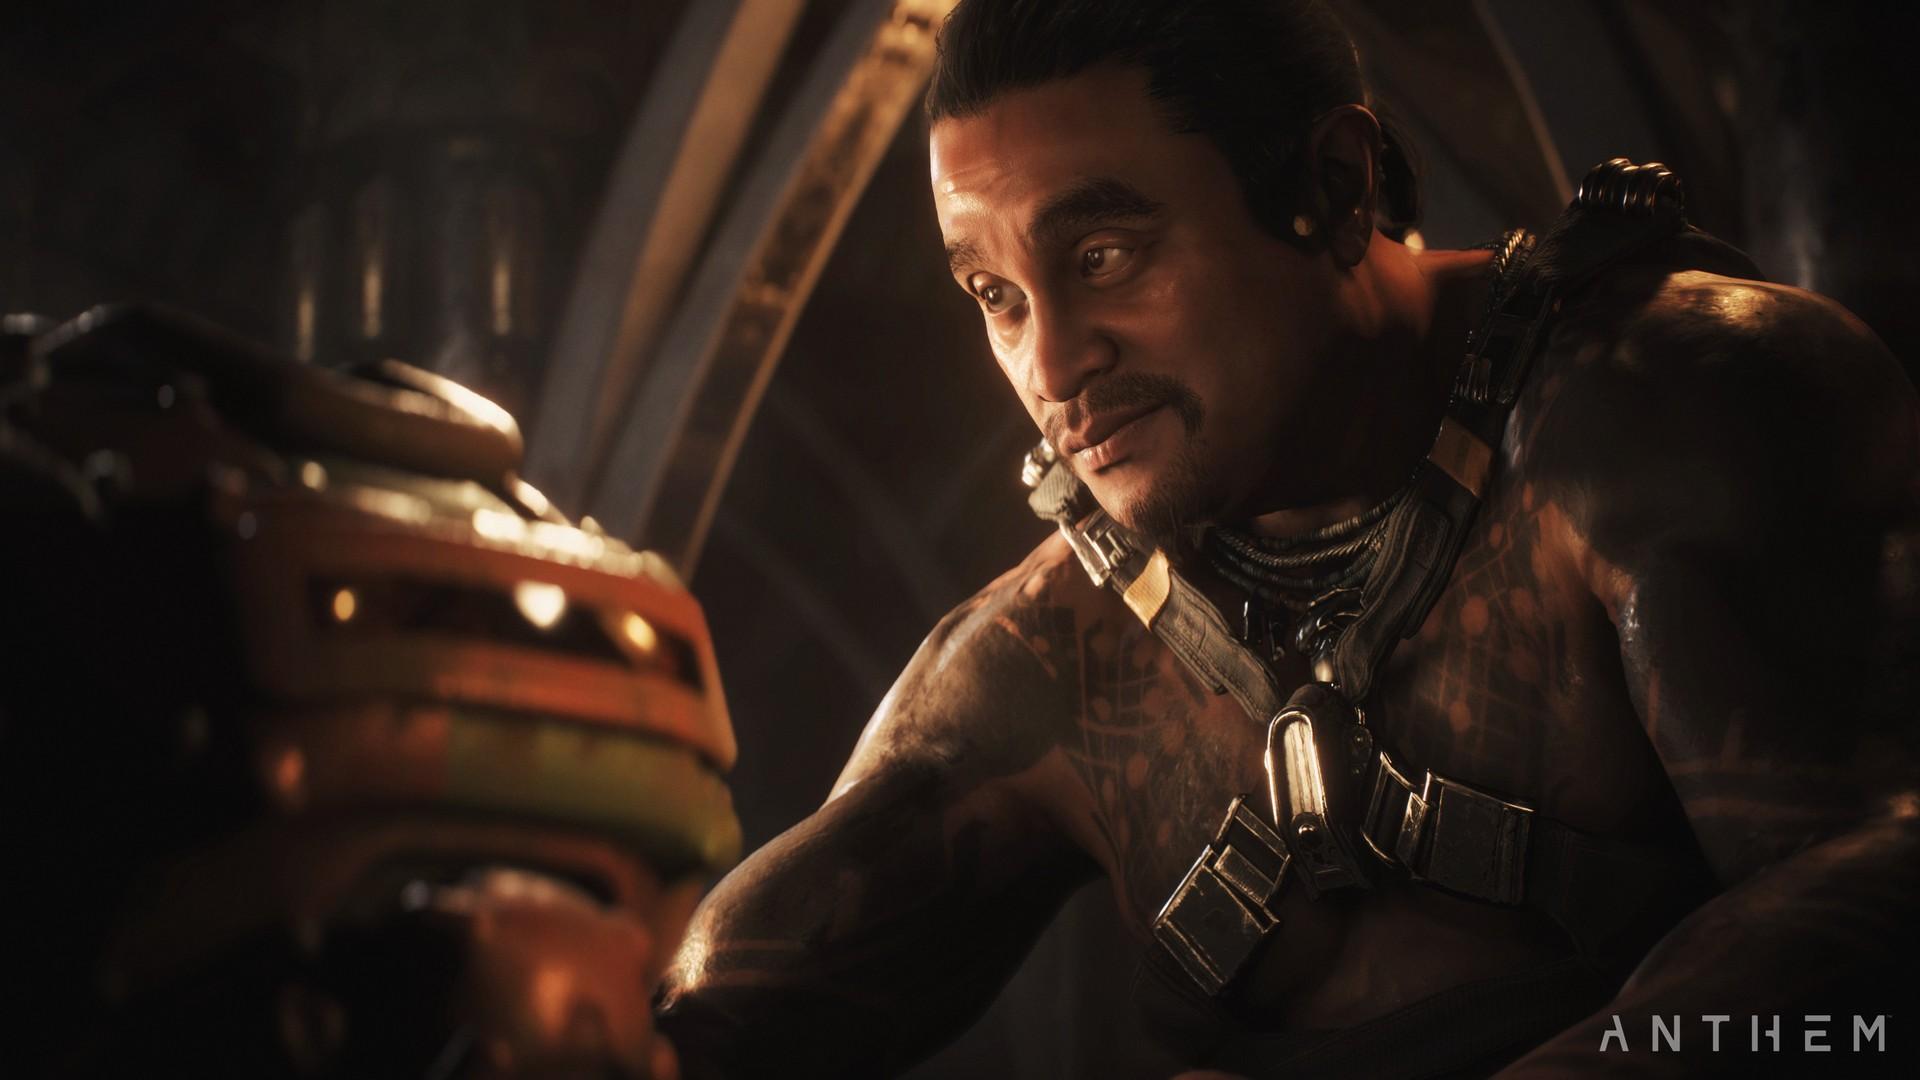 Демка Anthem на E3 2018 работала в 4K и 60 FPS на двух видеокартах GeForce GTX 1080 Ti